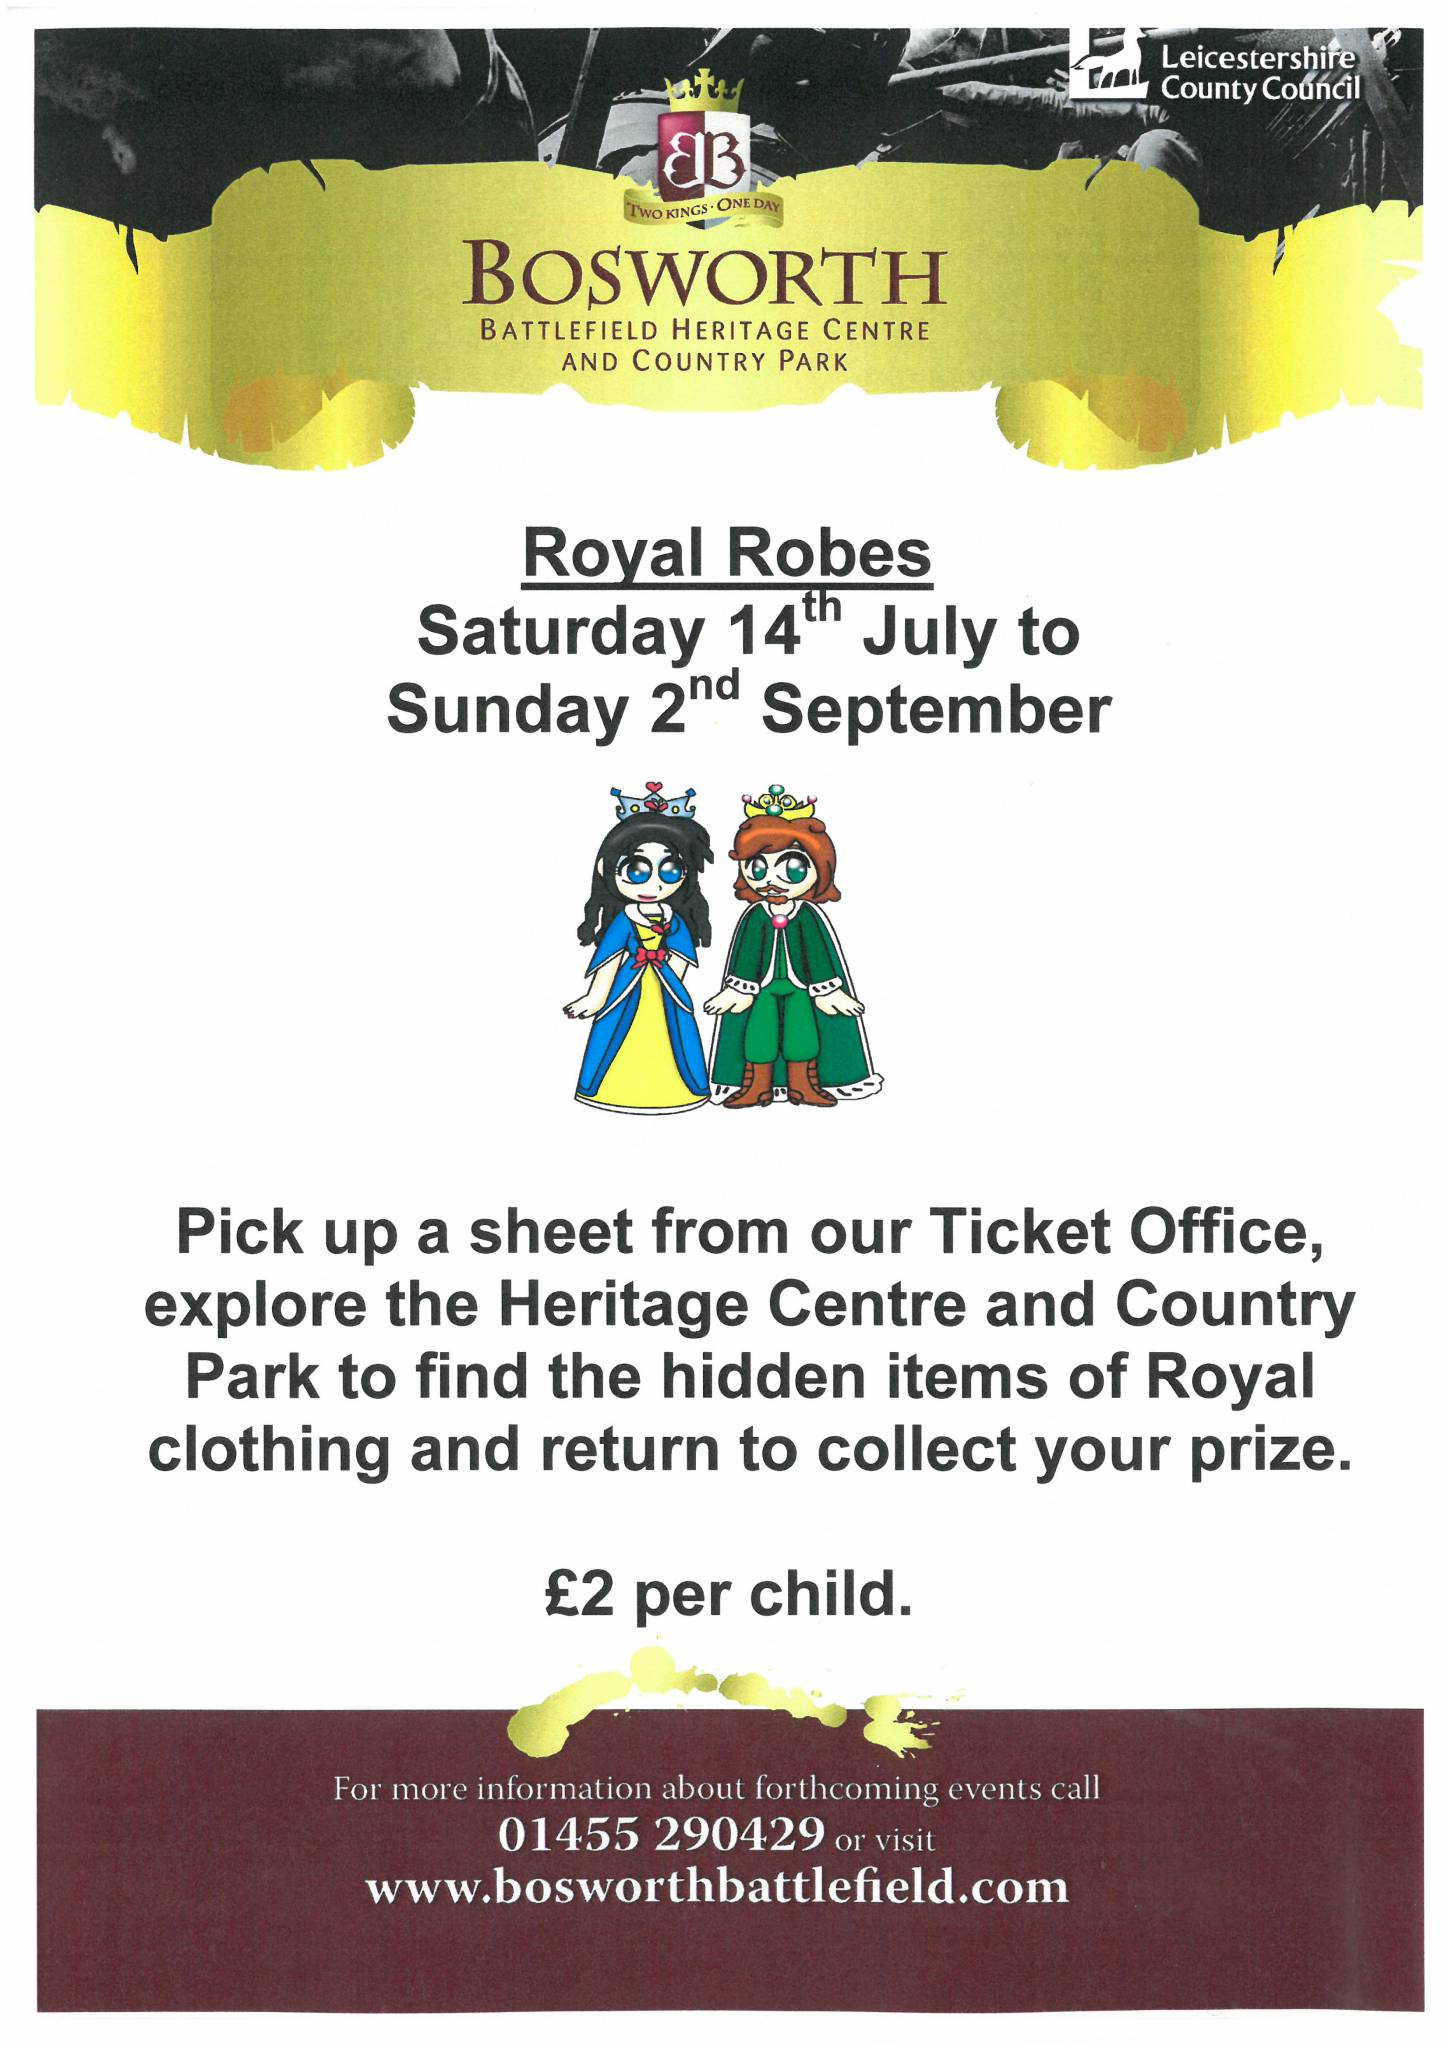 Royal Robes Hunt